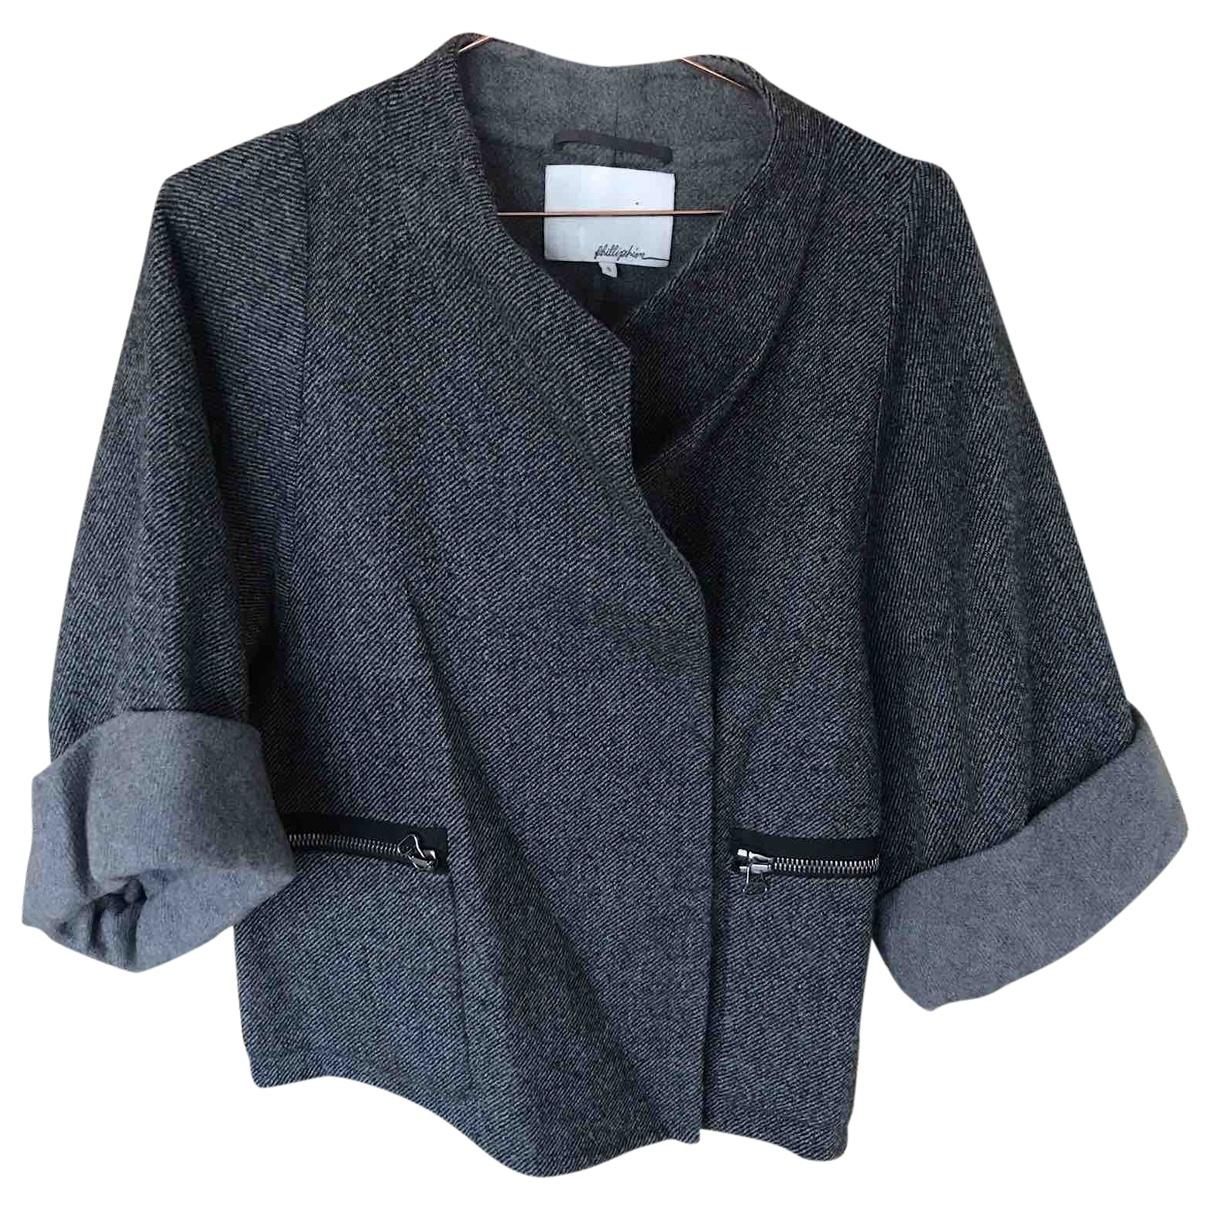 3.1 Phillip Lim \N Jacke in  Grau Wolle